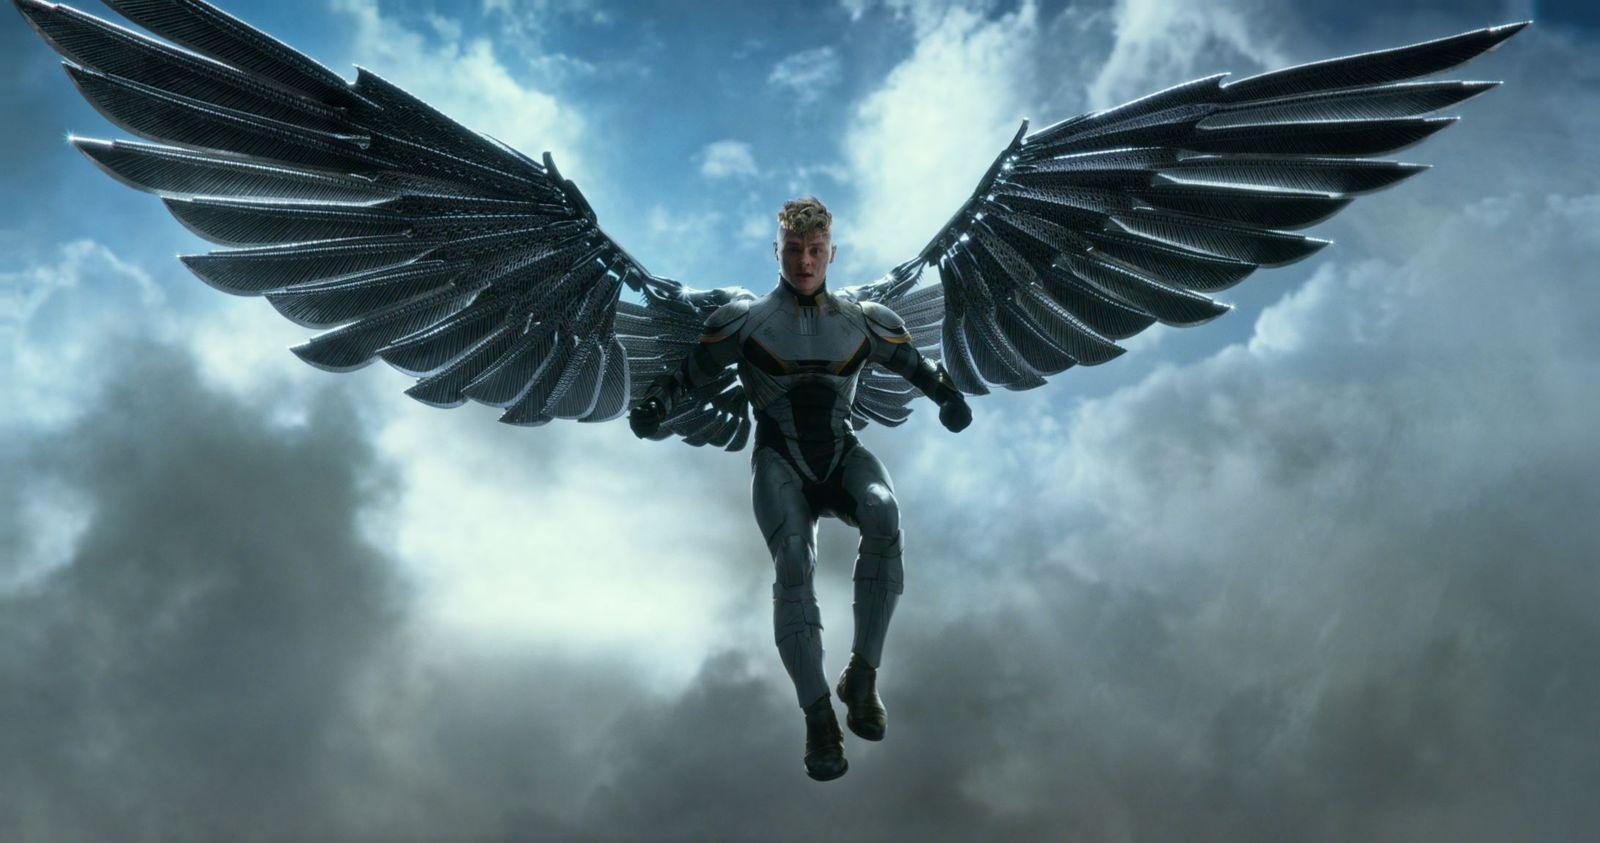 Recenzia filmu X-Men: Apokalypsa